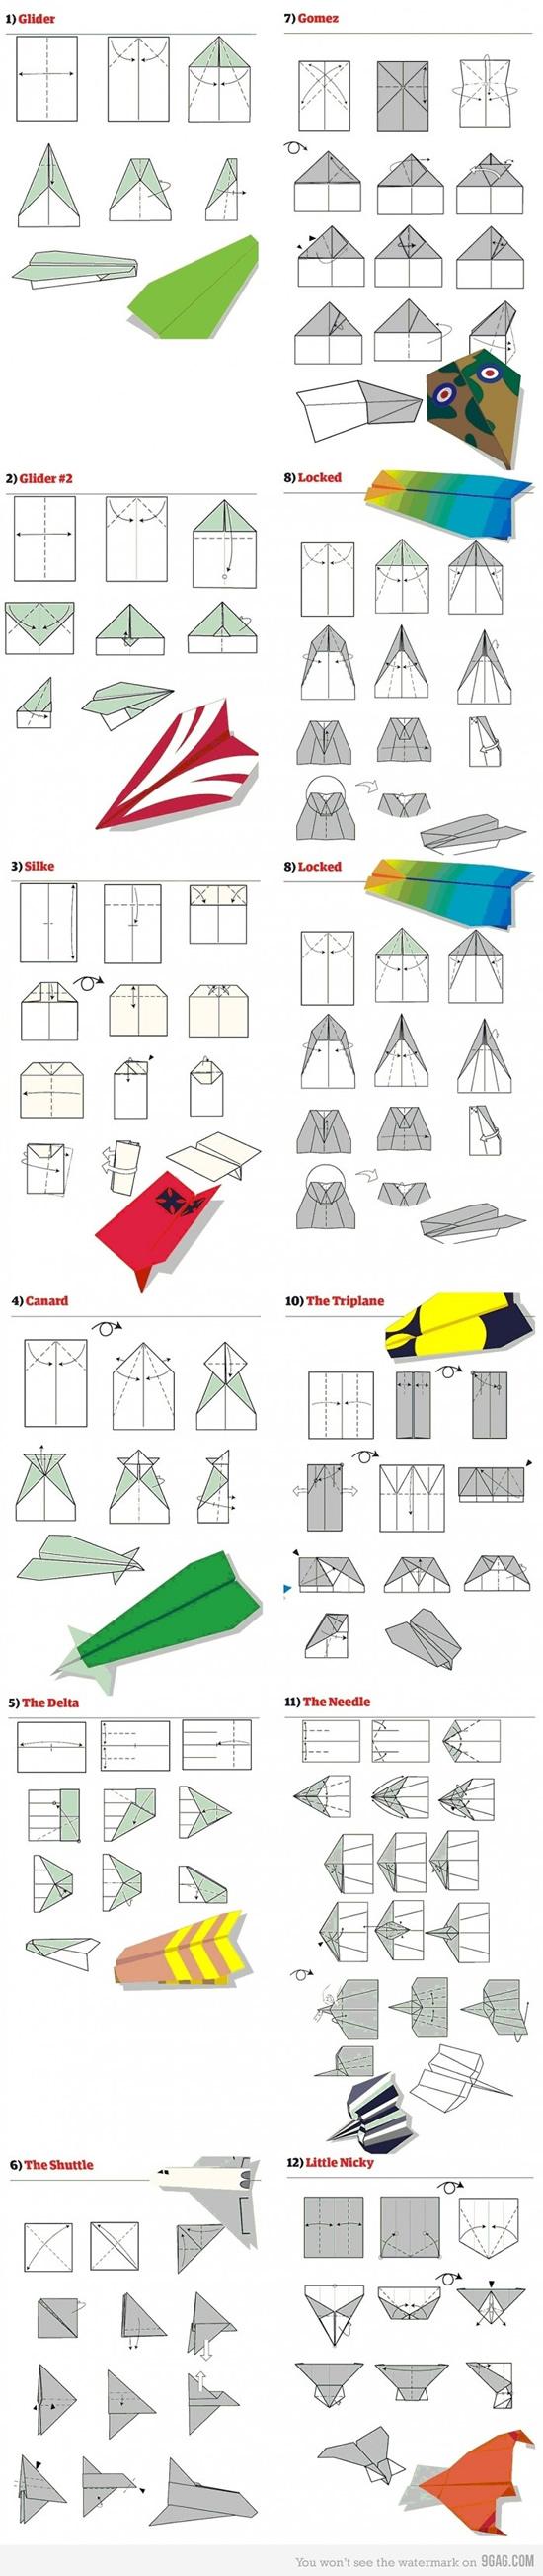 Jeux D Avion En Papier : avion, papier, Idées, Avion, Papier,, Faire, Pliage